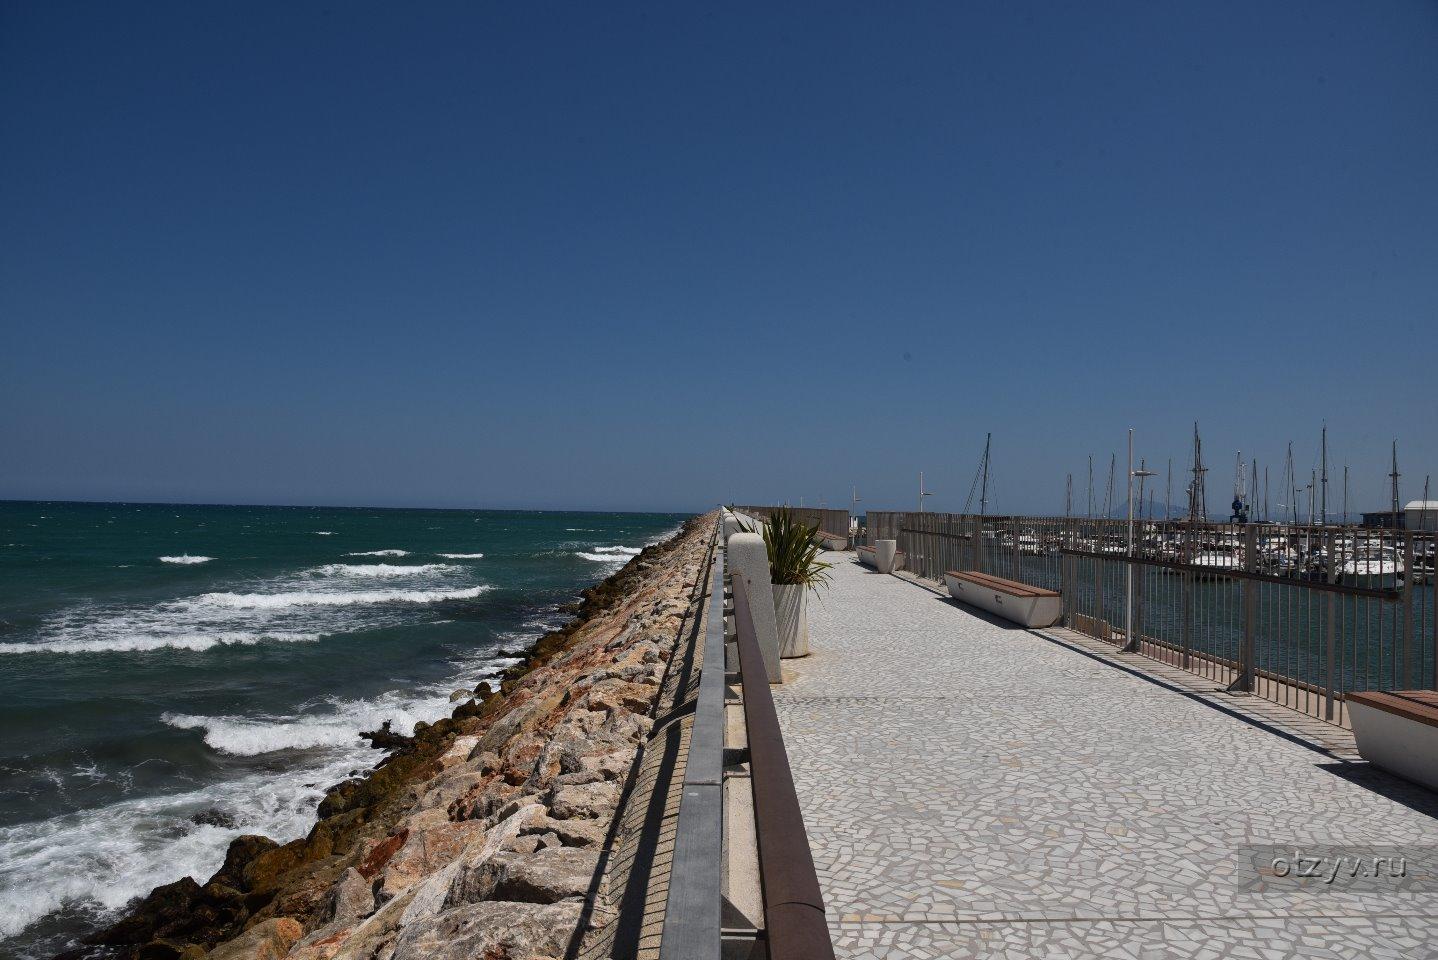 первых рядах гандия пляж июль фото нужно внимательно относиться